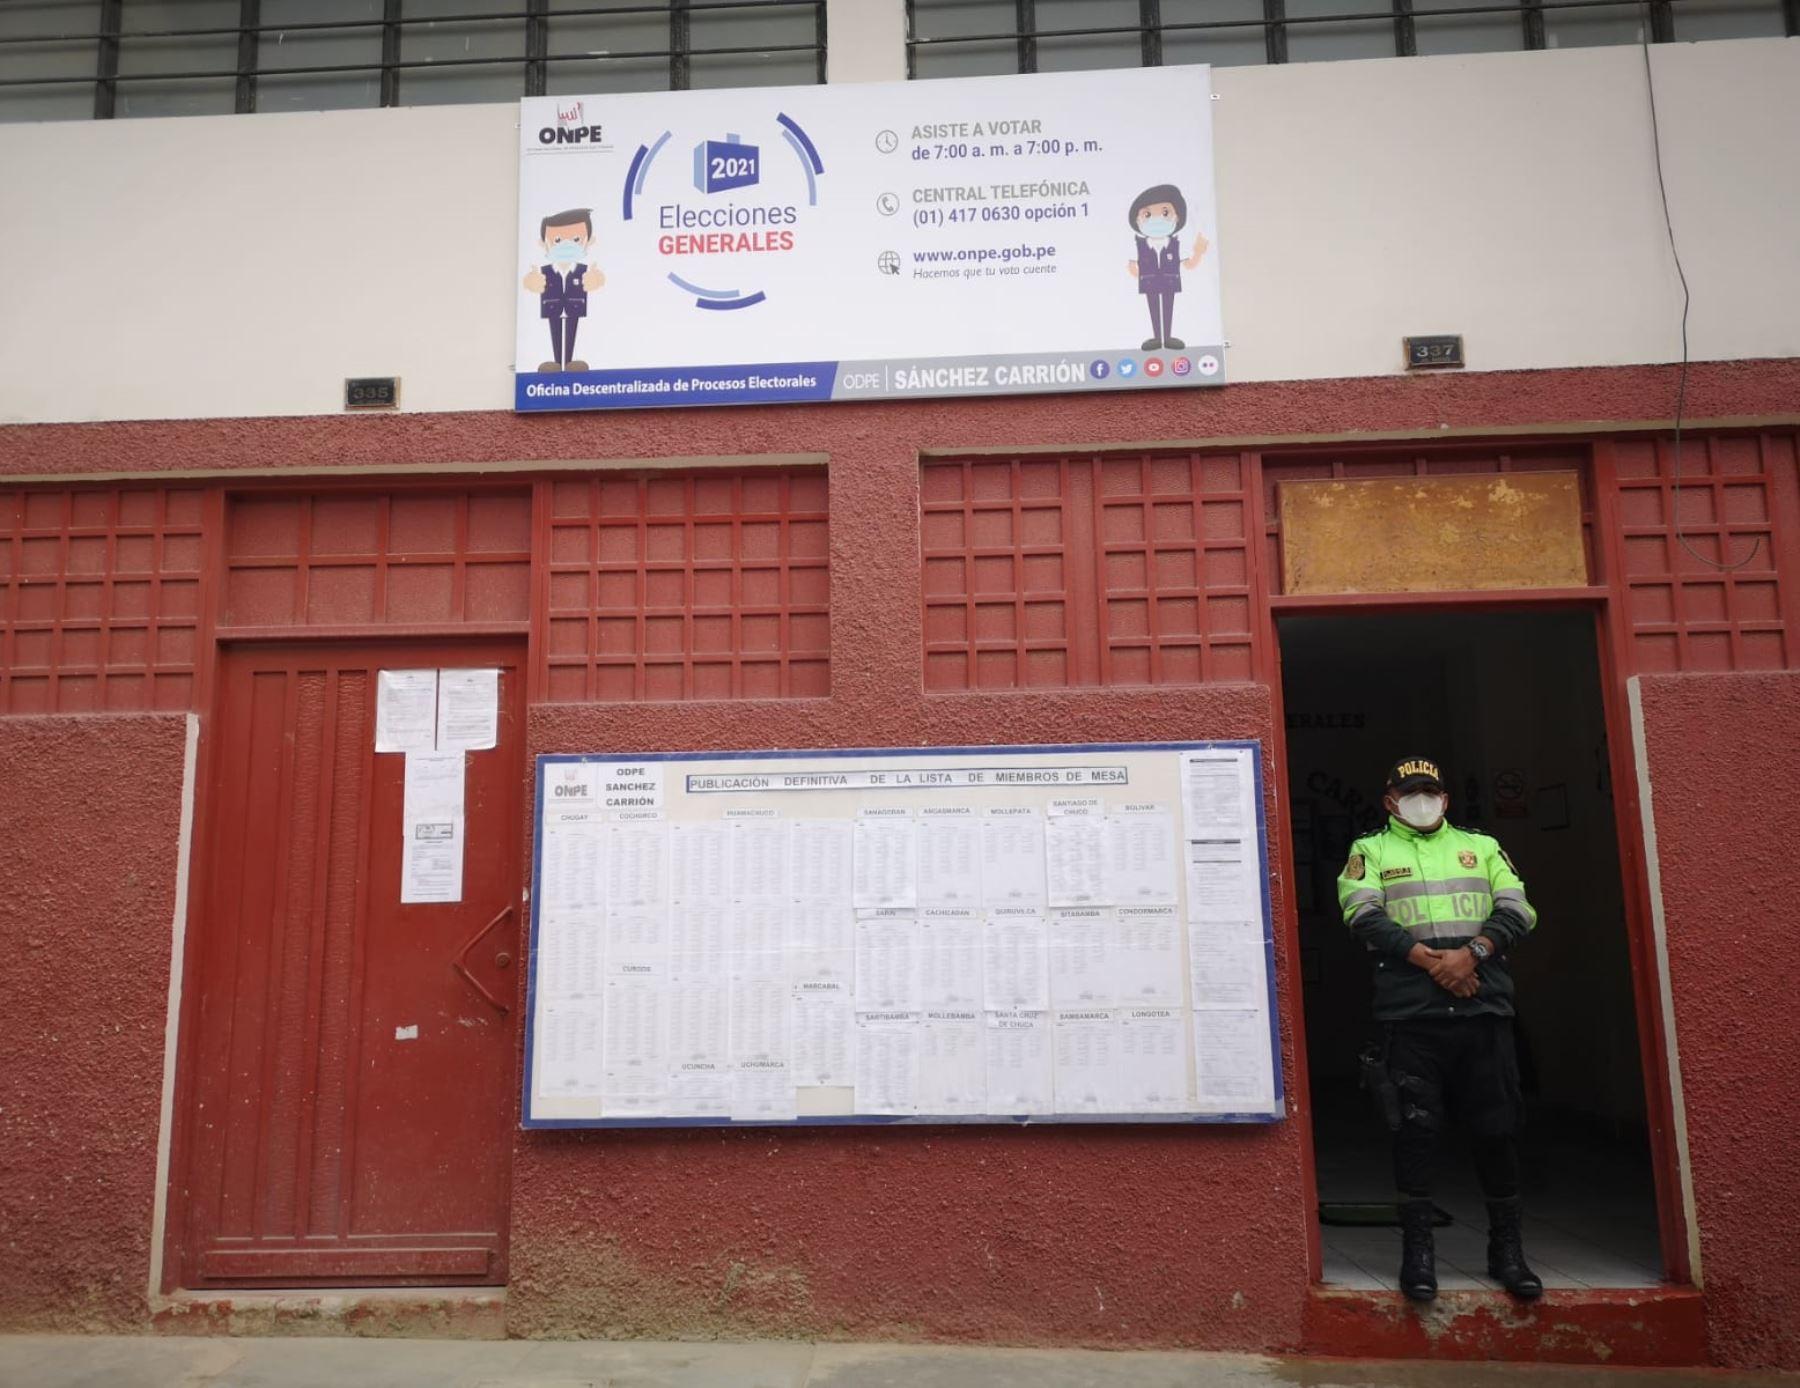 La ONPE designó 74 locales de votación para la ODPE Sánchez Carrión, cuya jurisdicción comprende a la provincia del mismo nombre, Santiago de Chuco y Bolívar, región La Libertad.